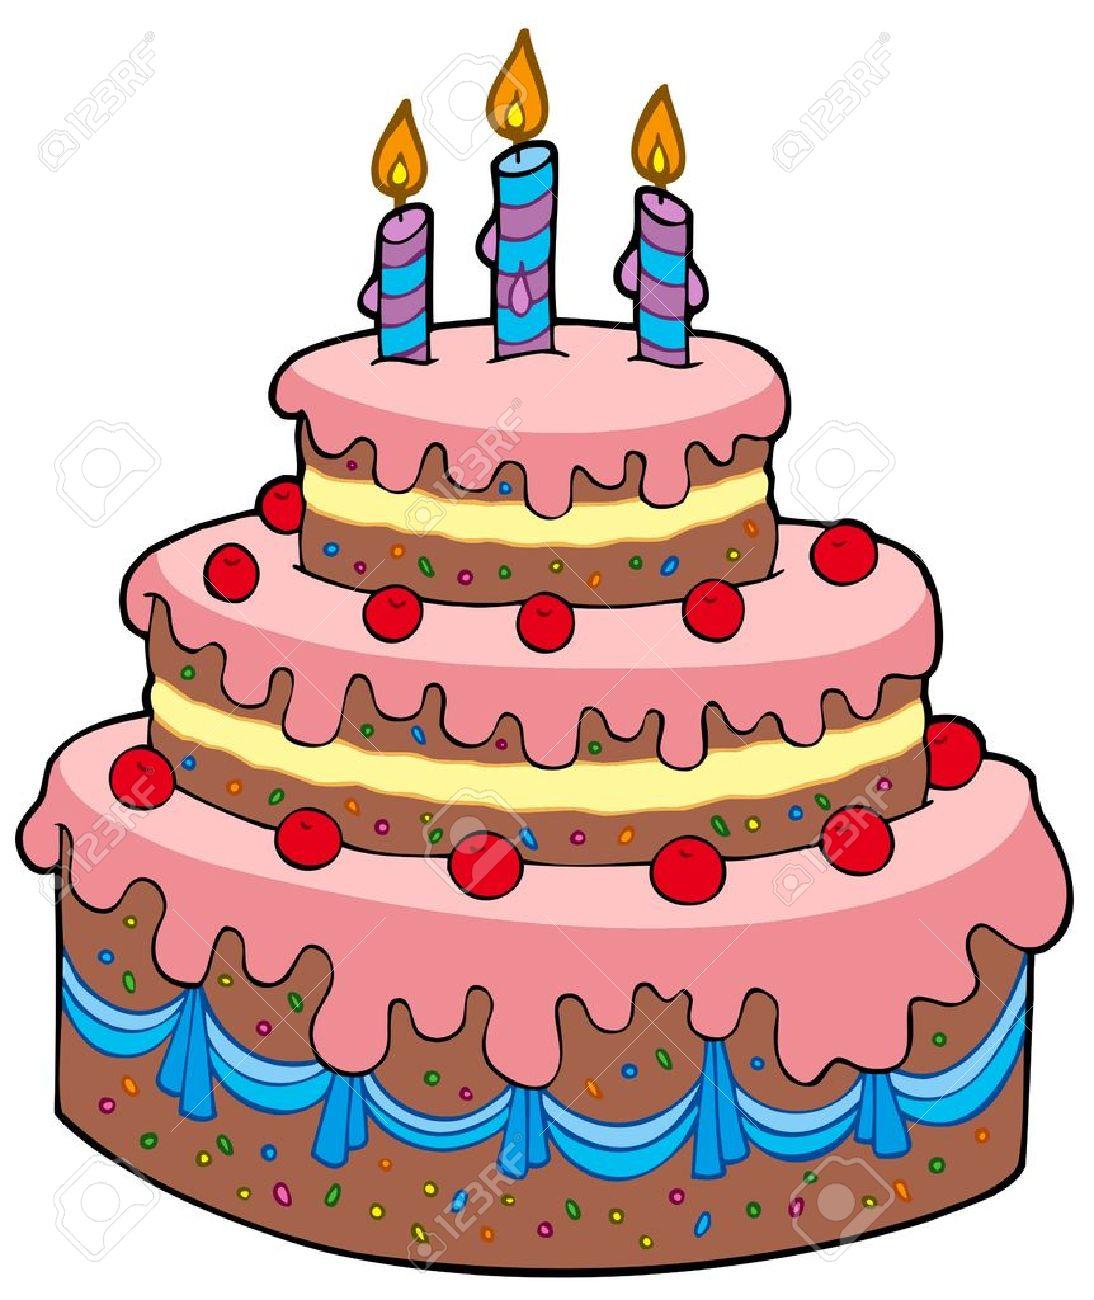 Geburtstag kuchen comic